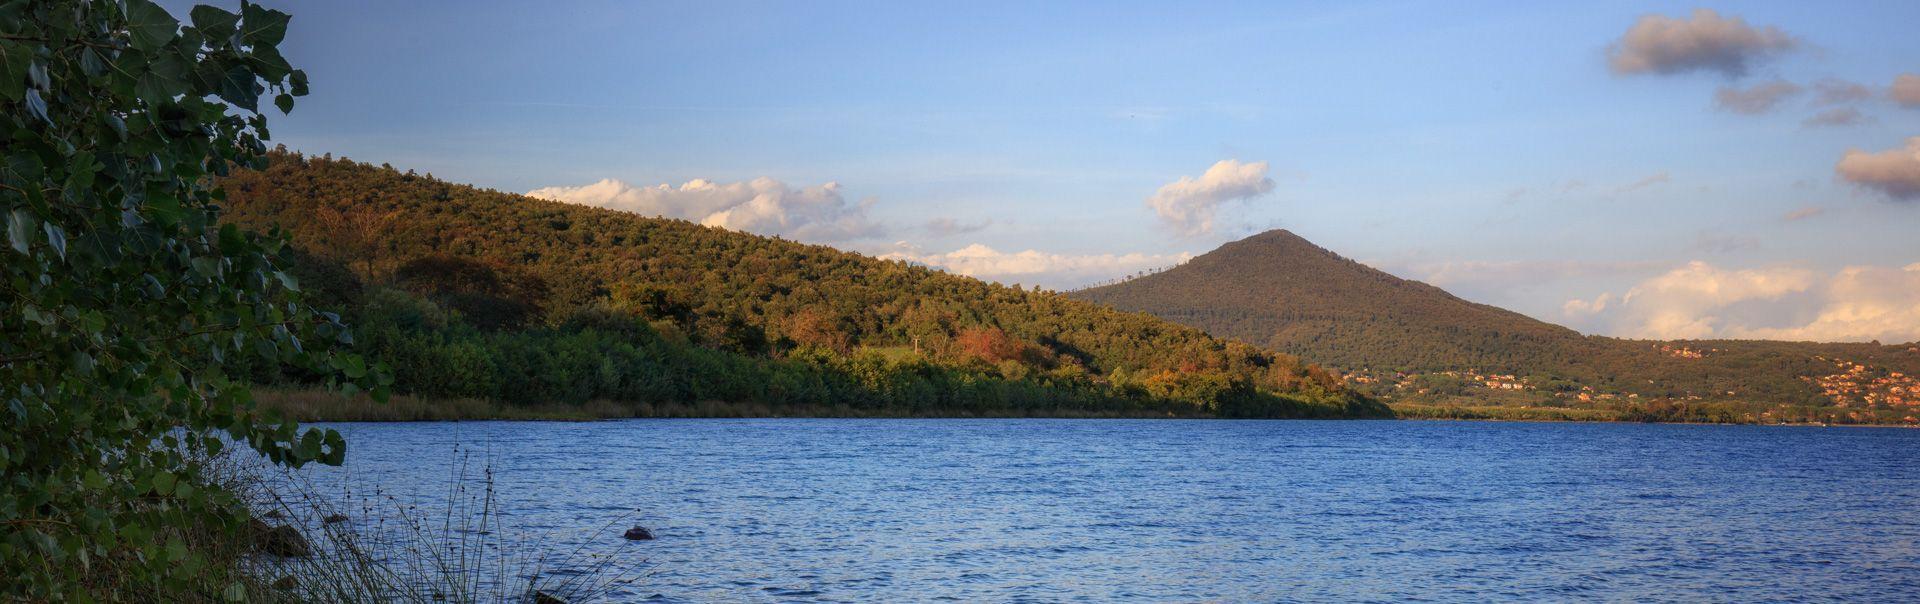 Monte Raschio beech forest